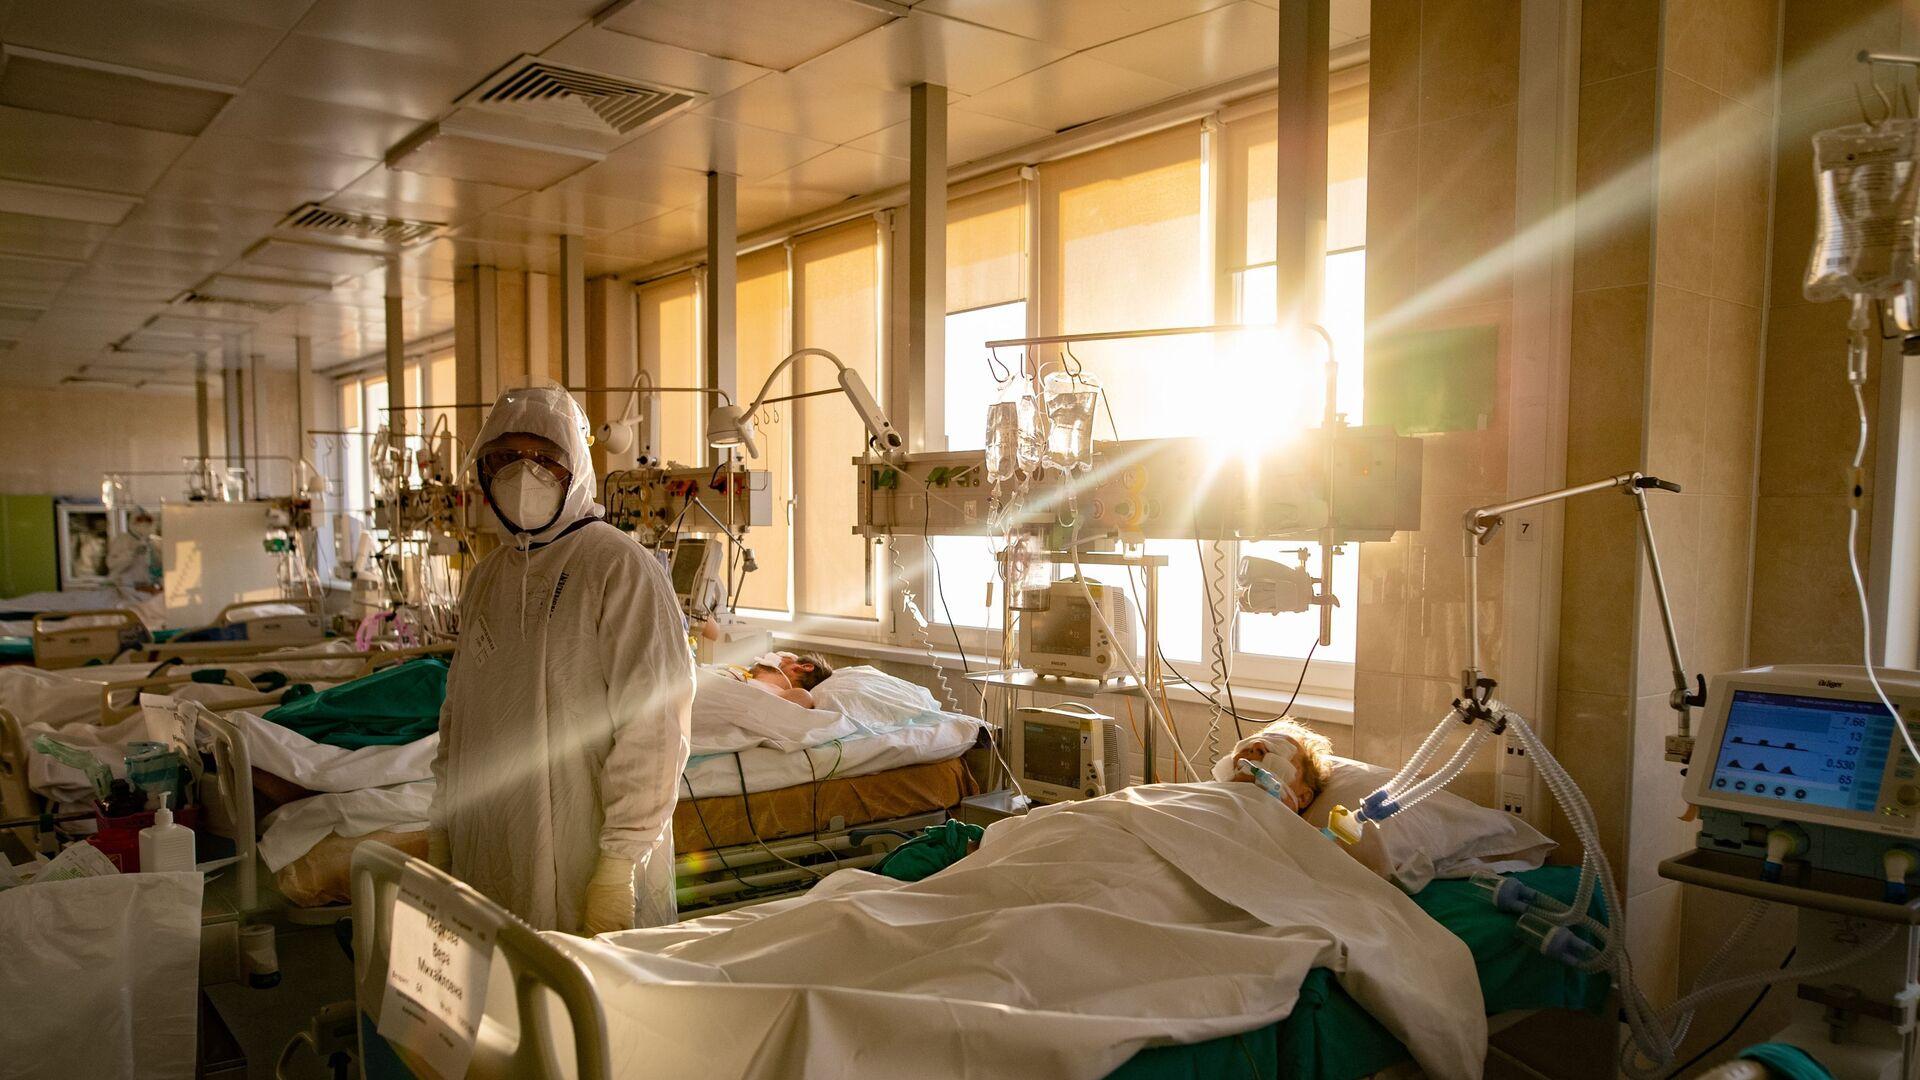 Медицинский сотрудник в отделении реанимации и интенсивной терапии - Sputnik Беларусь, 1920, 01.07.2021